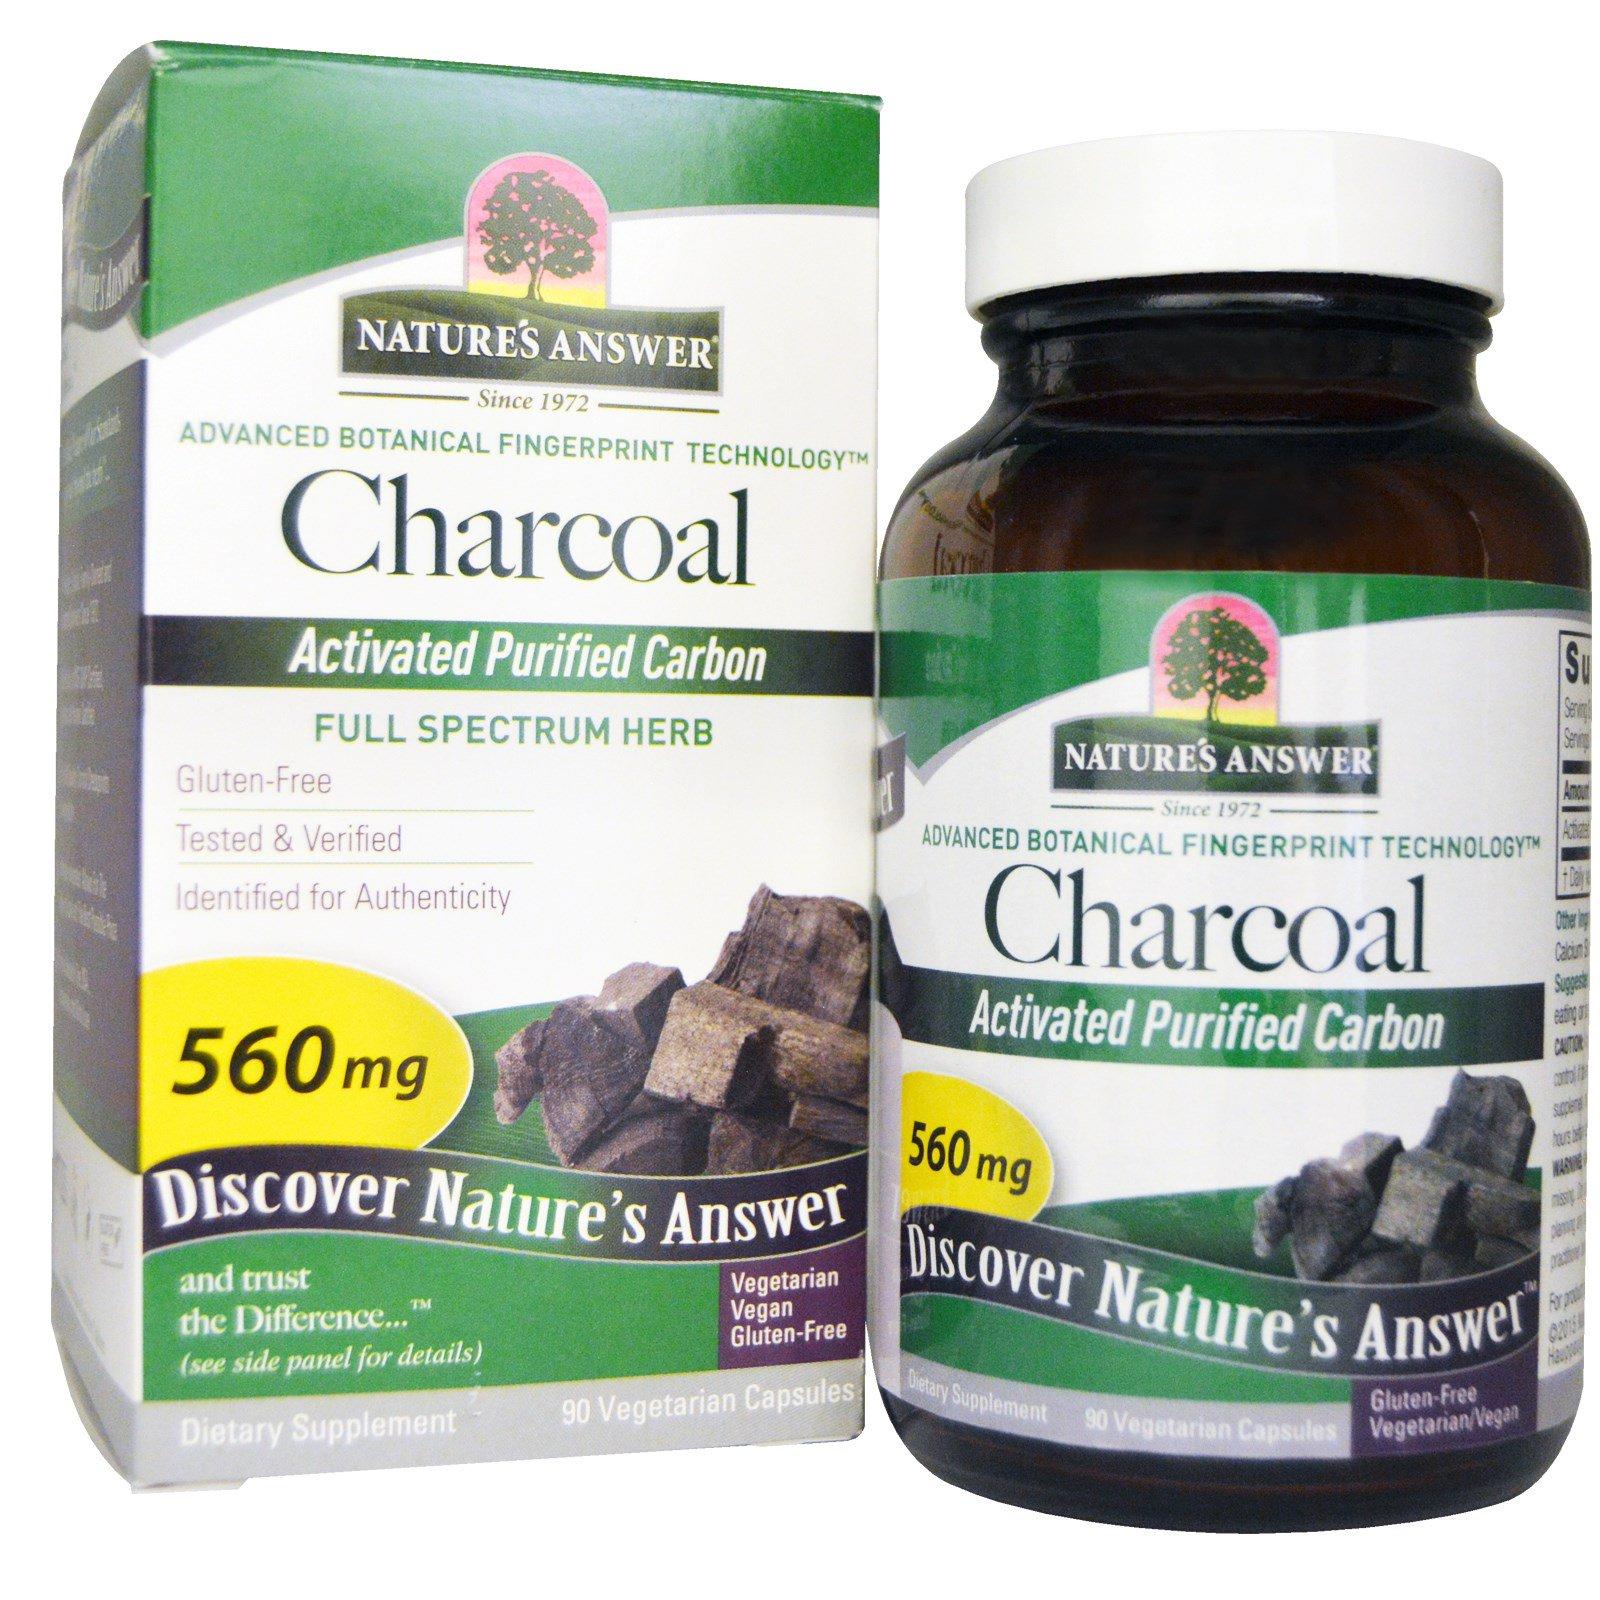 Nature's Answer, Charcoal, Активированный очищенный уголь, 560 мг, 90 растительных капсул